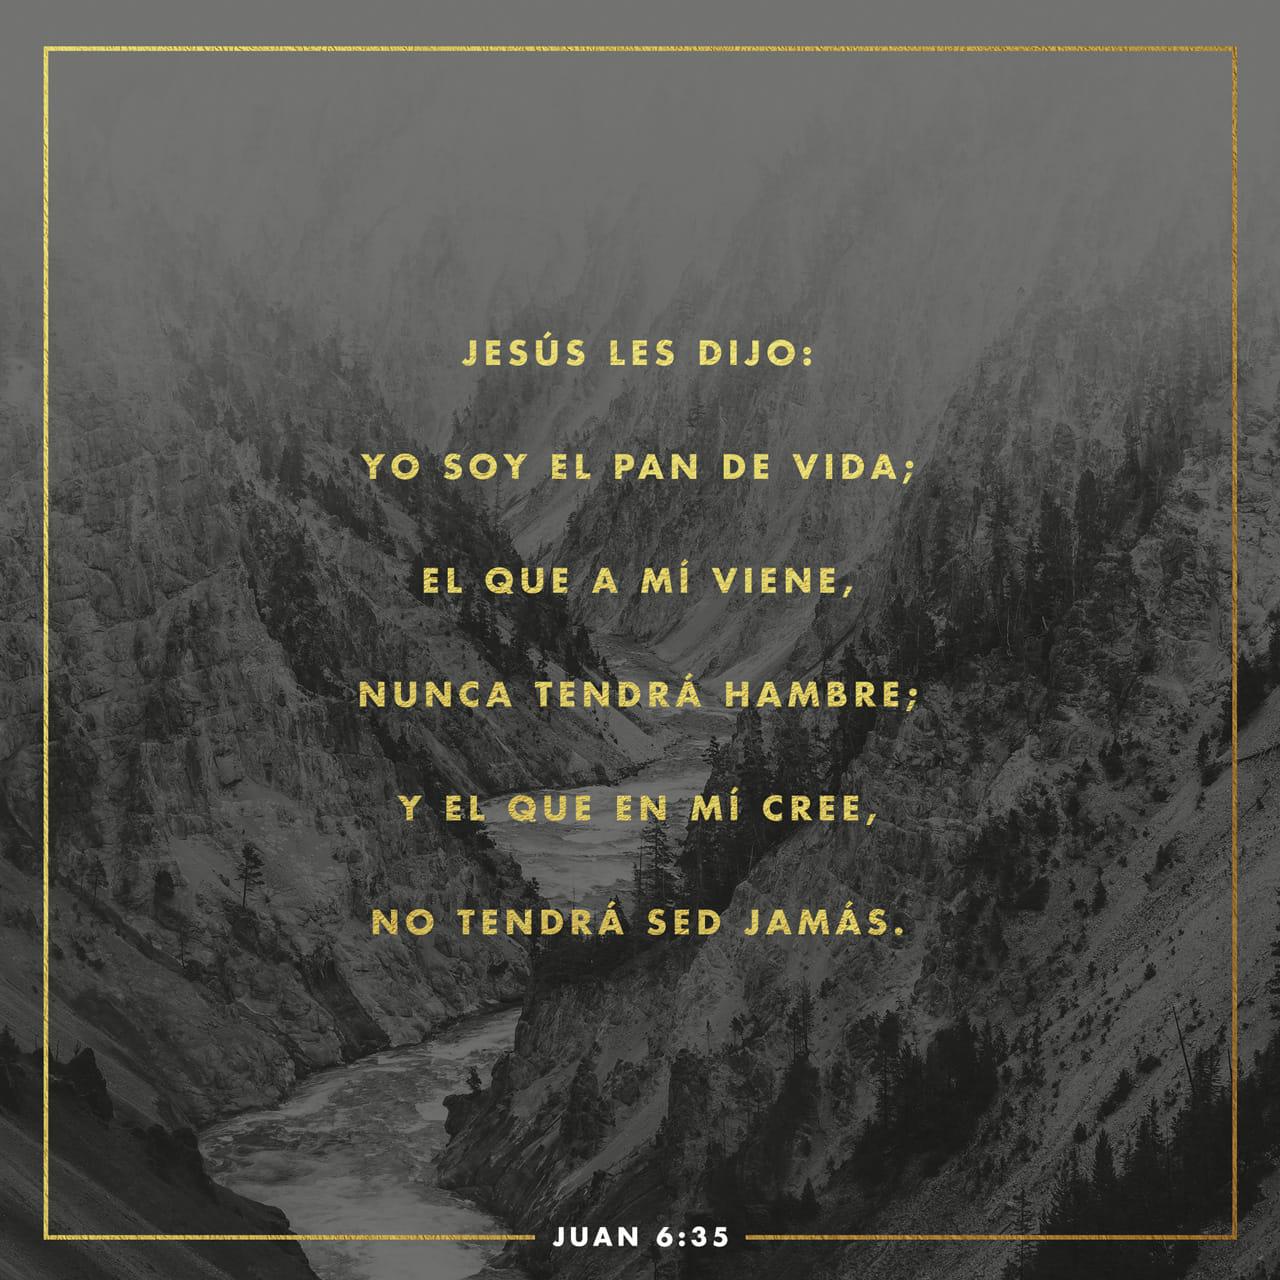 S.Juan 6:35 Jesús les dijo: Yo soy el pan de vida; el que a mí viene, nunca tendrá hambre; y el que en mí cree, no tendrá sed jamás. | Biblia Reina Valera 1960 (RVR1960) | Descargar la Biblia App ahora